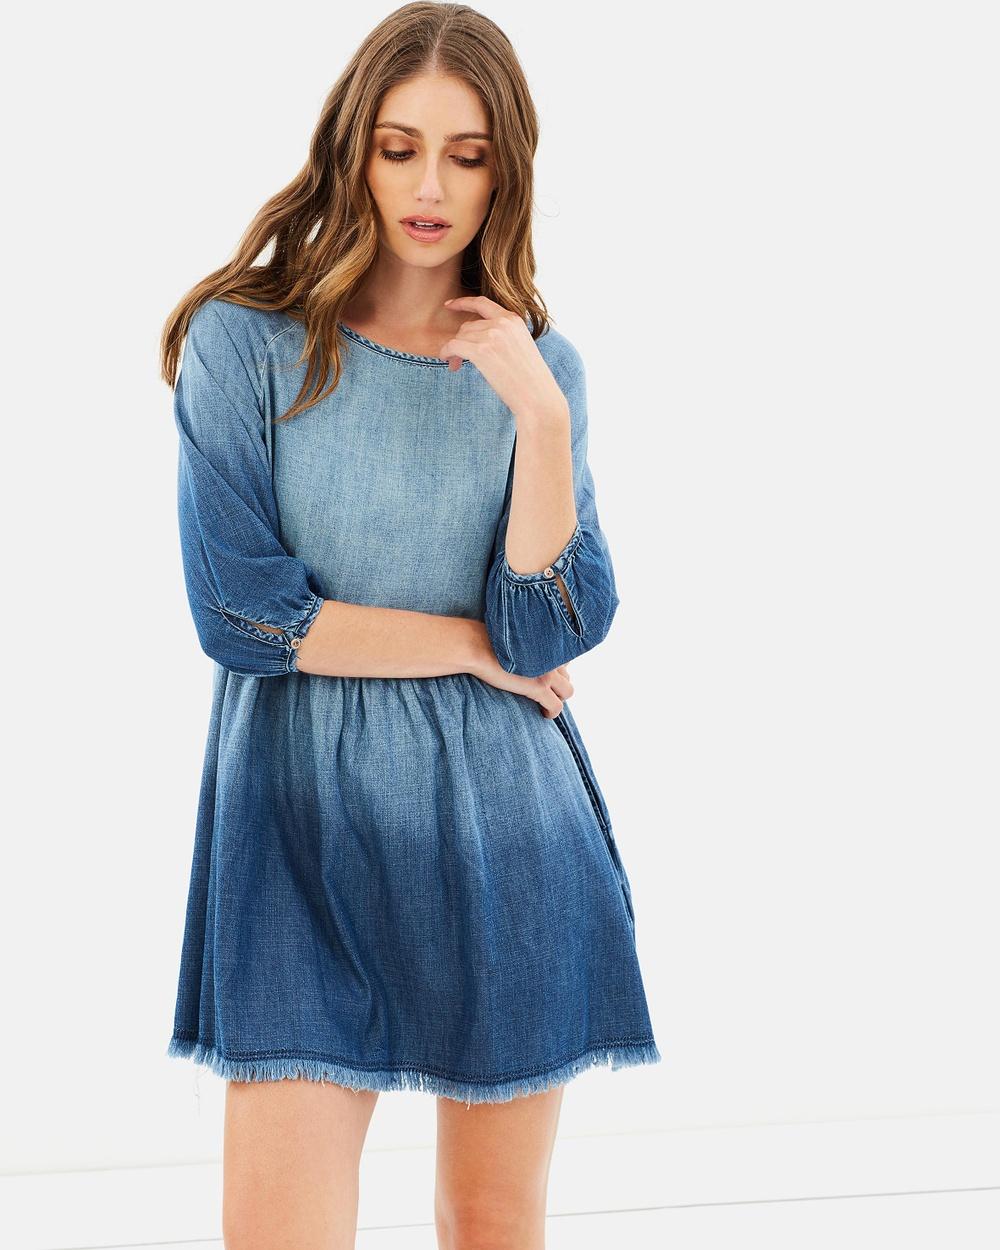 ONLY Sonia 3 4 Sleeve Denim Dress Dresses Light Blue Denim Sonia 3-4 Sleeve Denim Dress